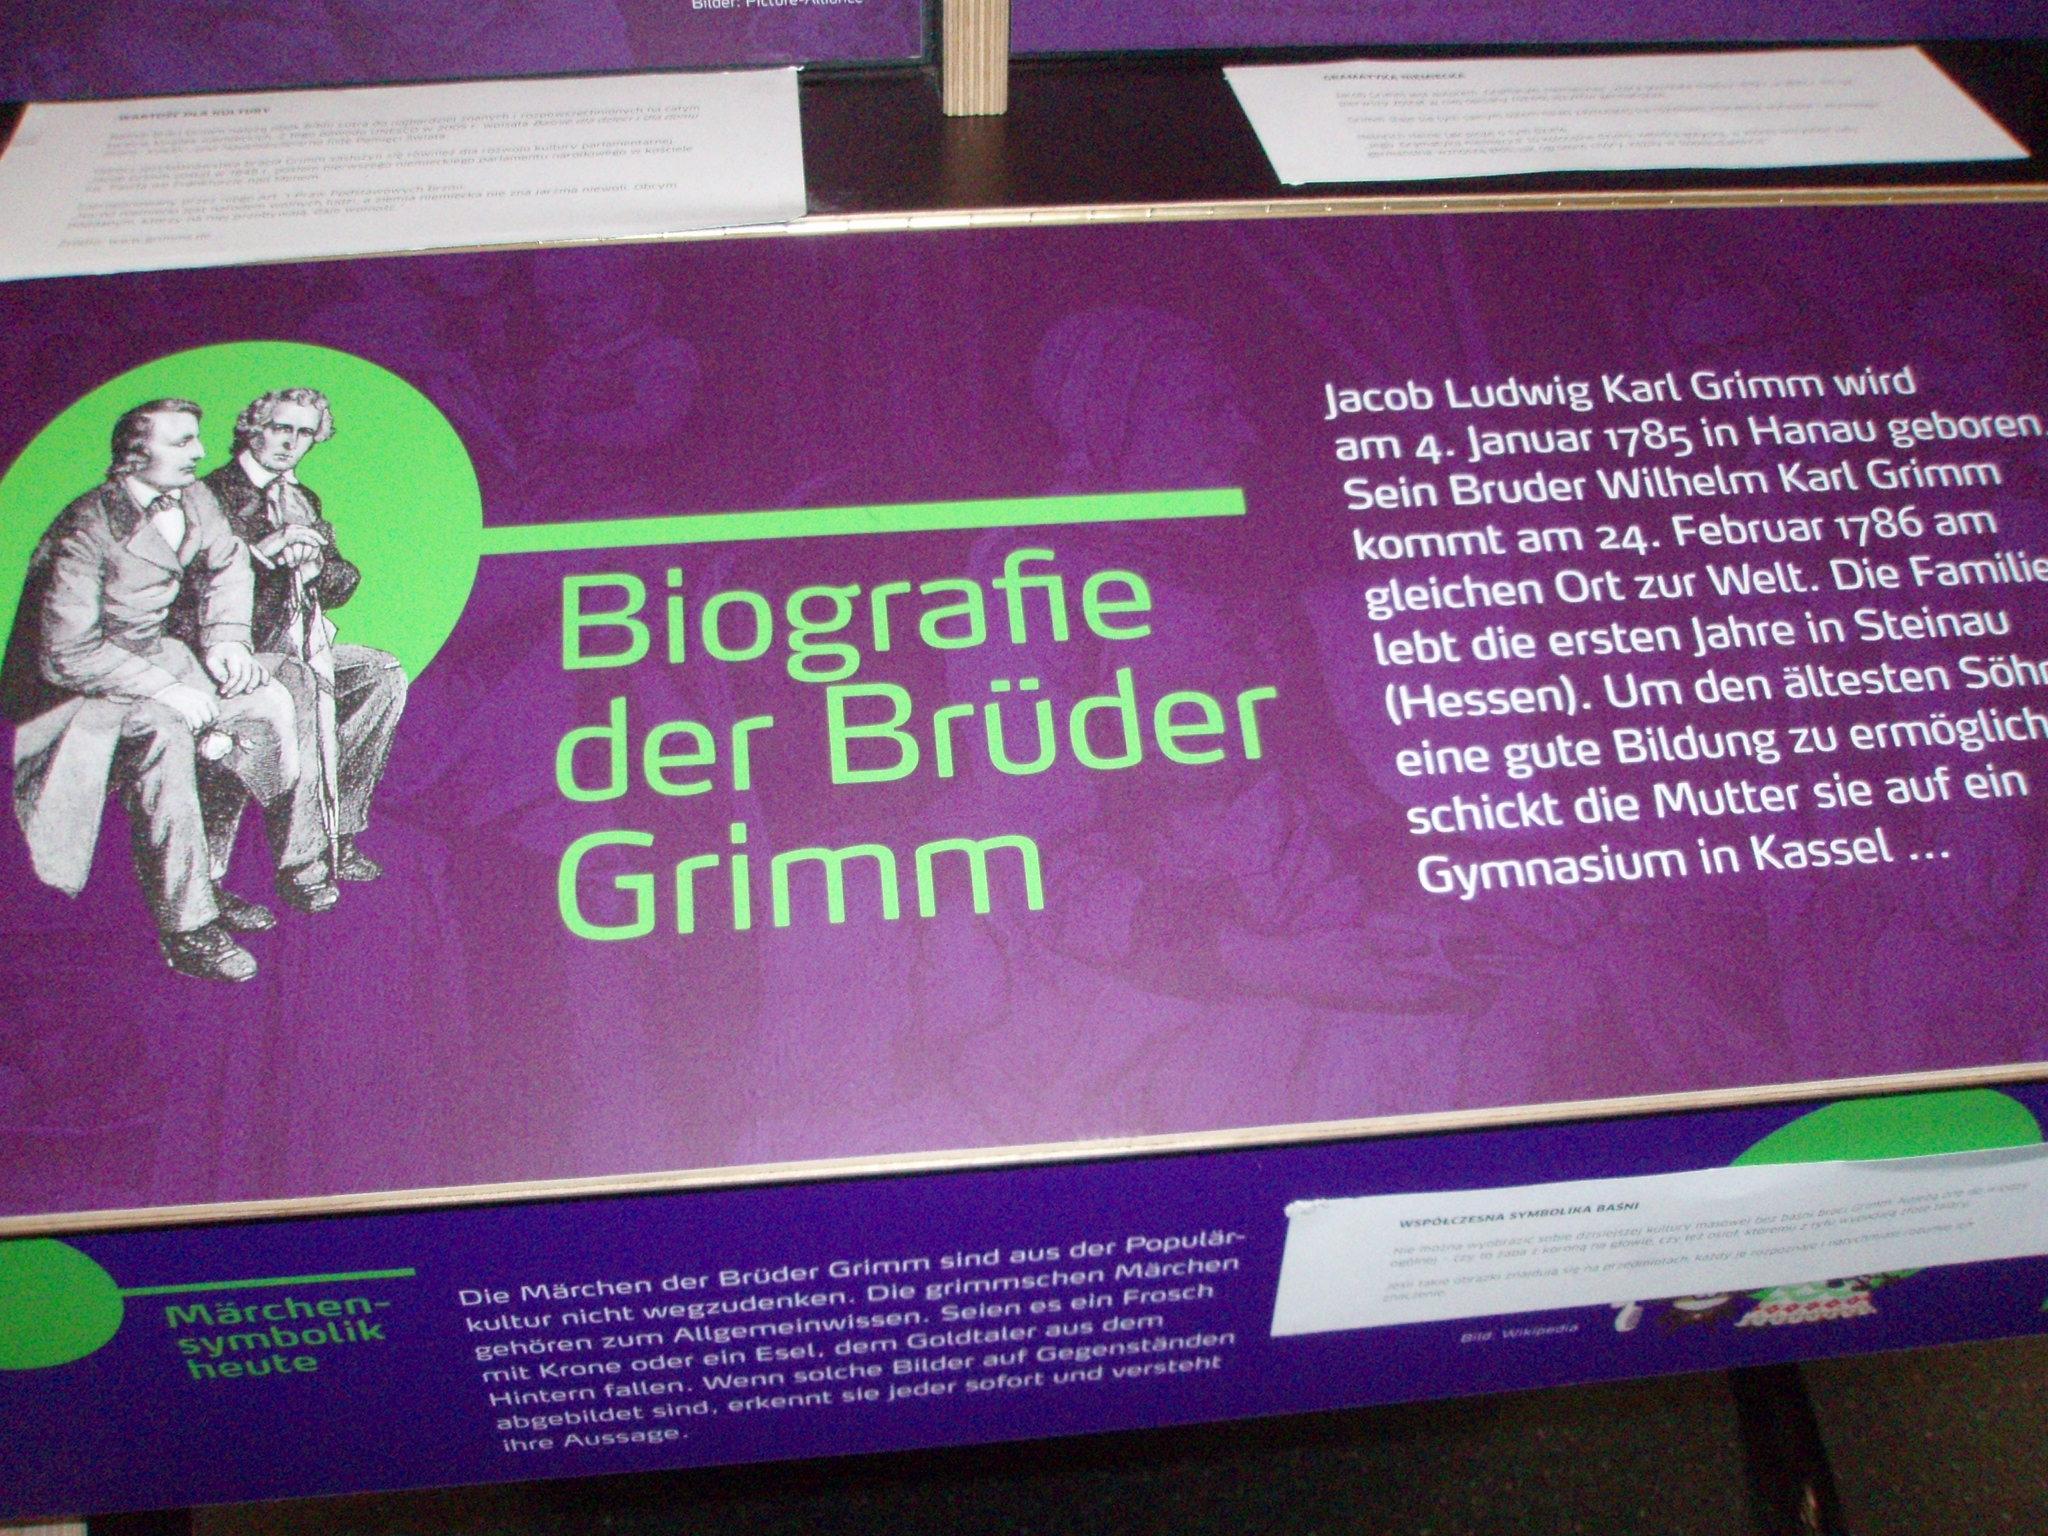 Baśniowy Świat braci Grimm